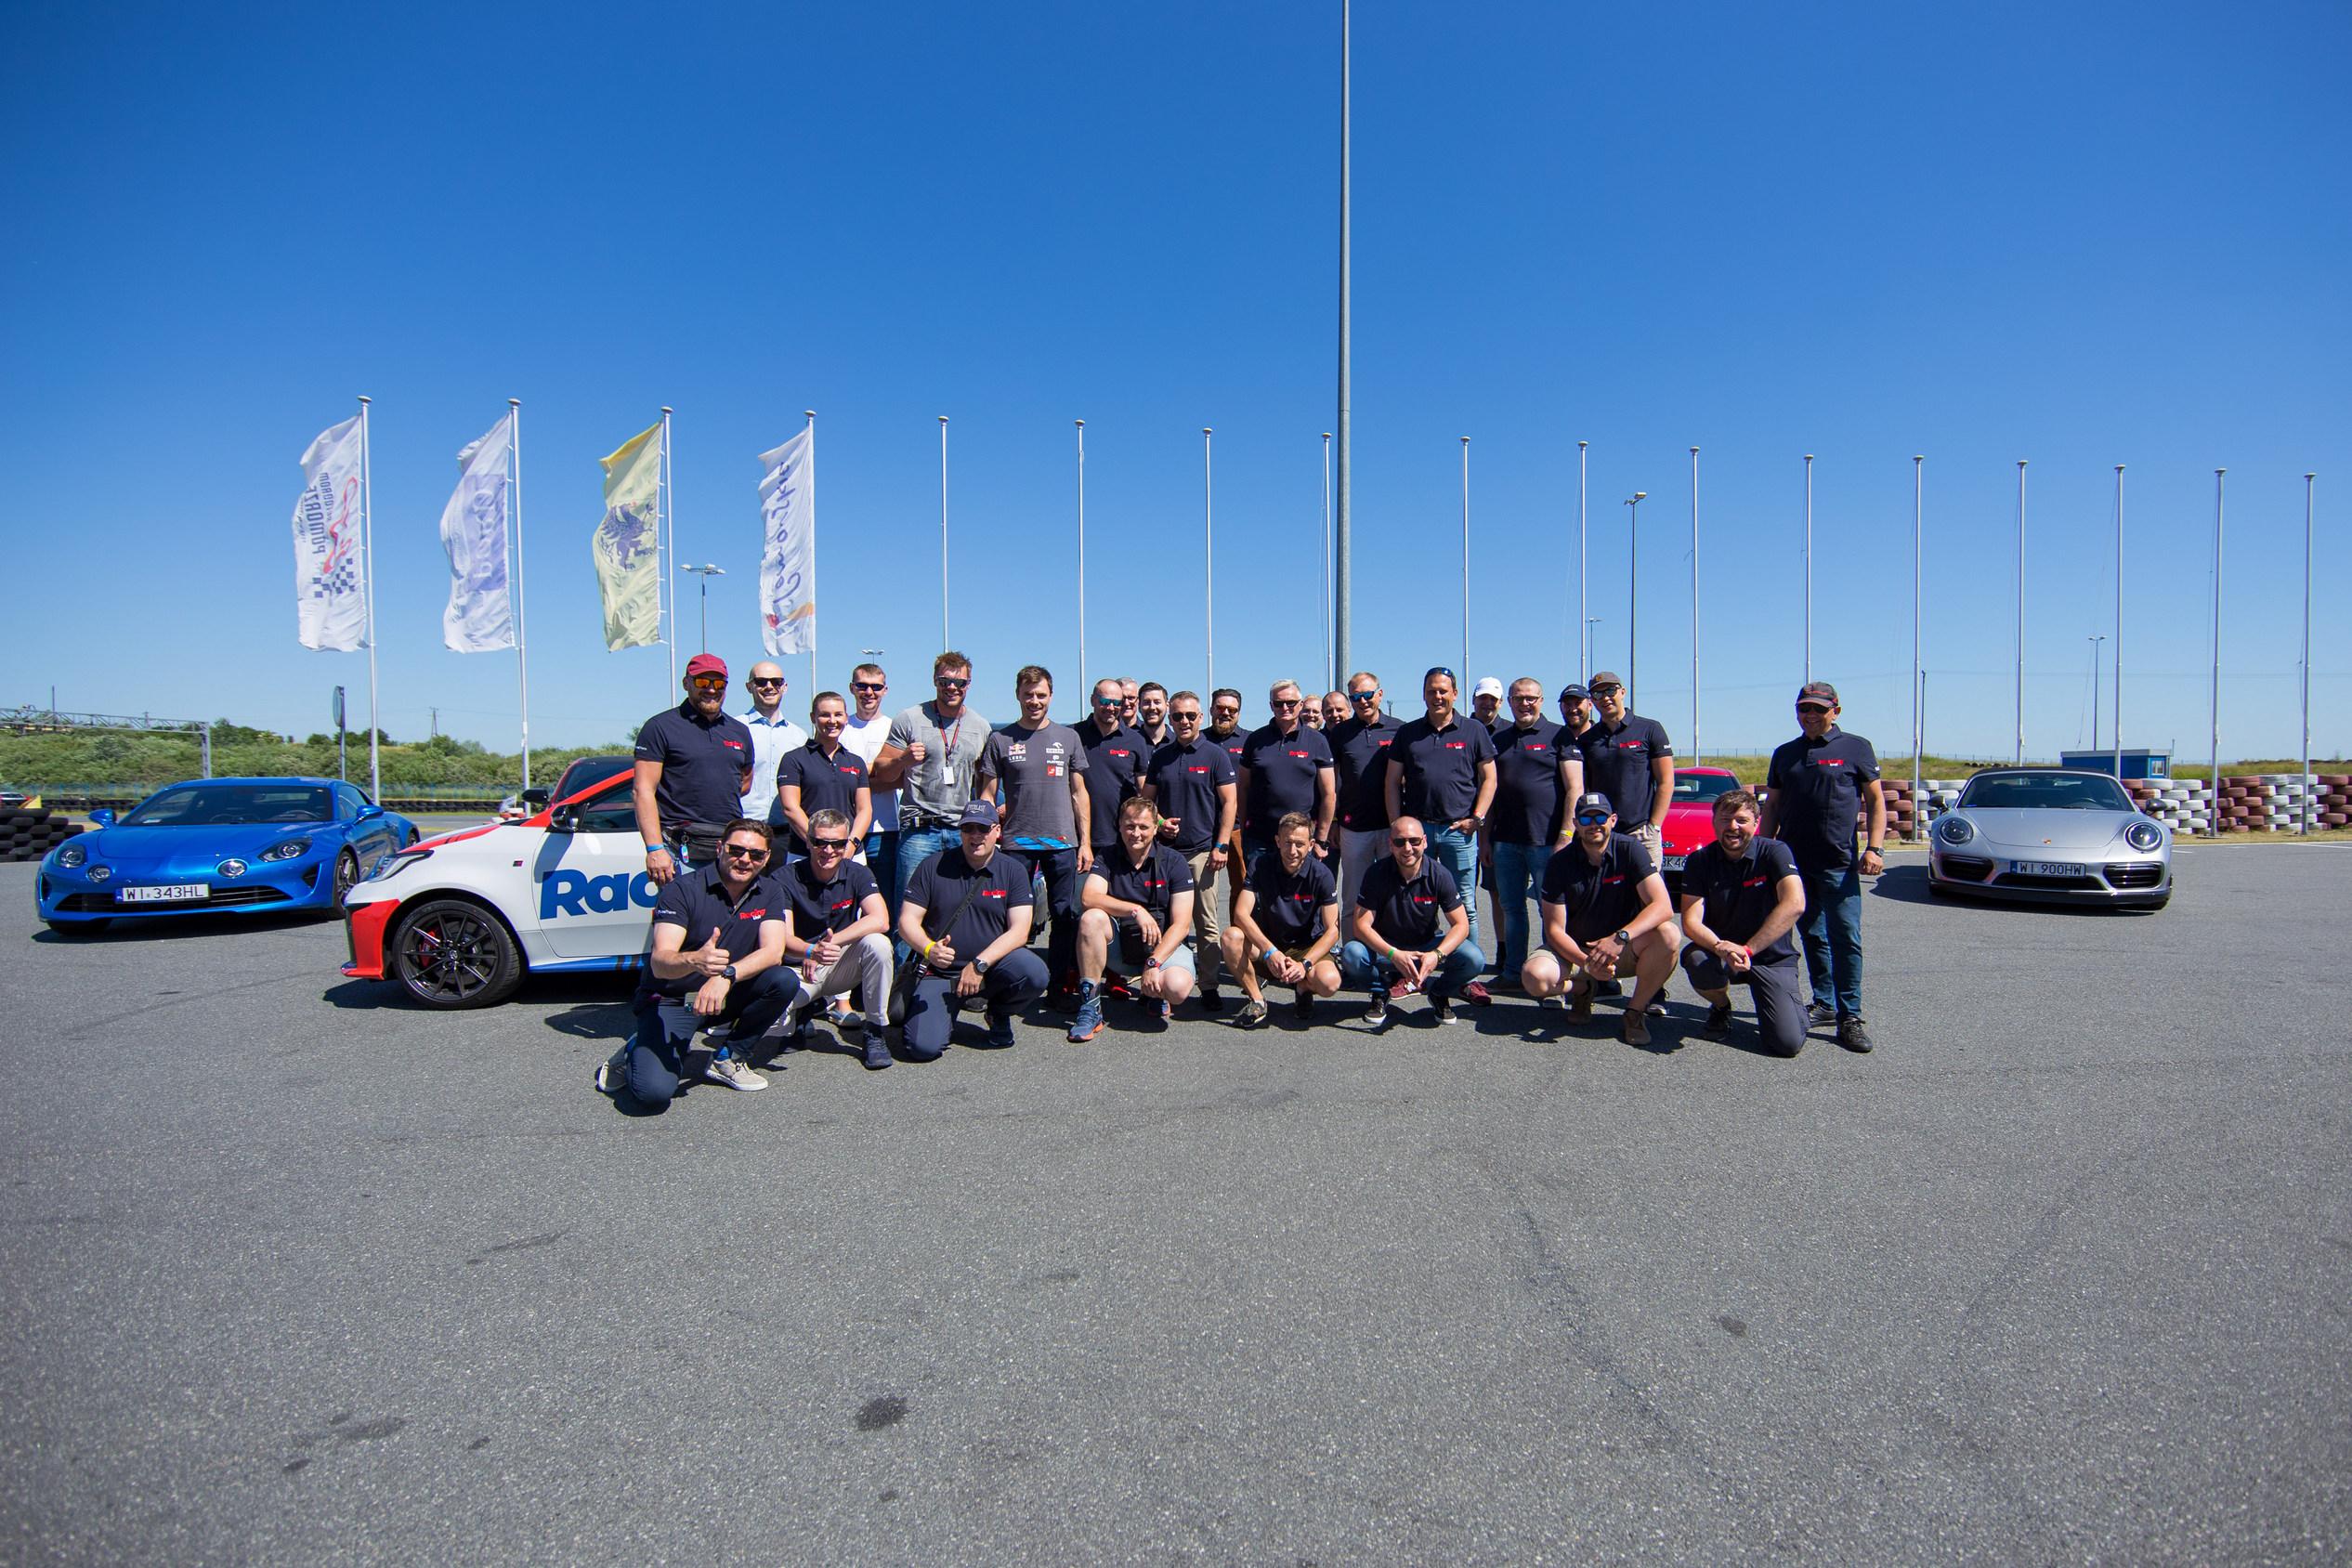 KTG_Racing_Unit_2021_2